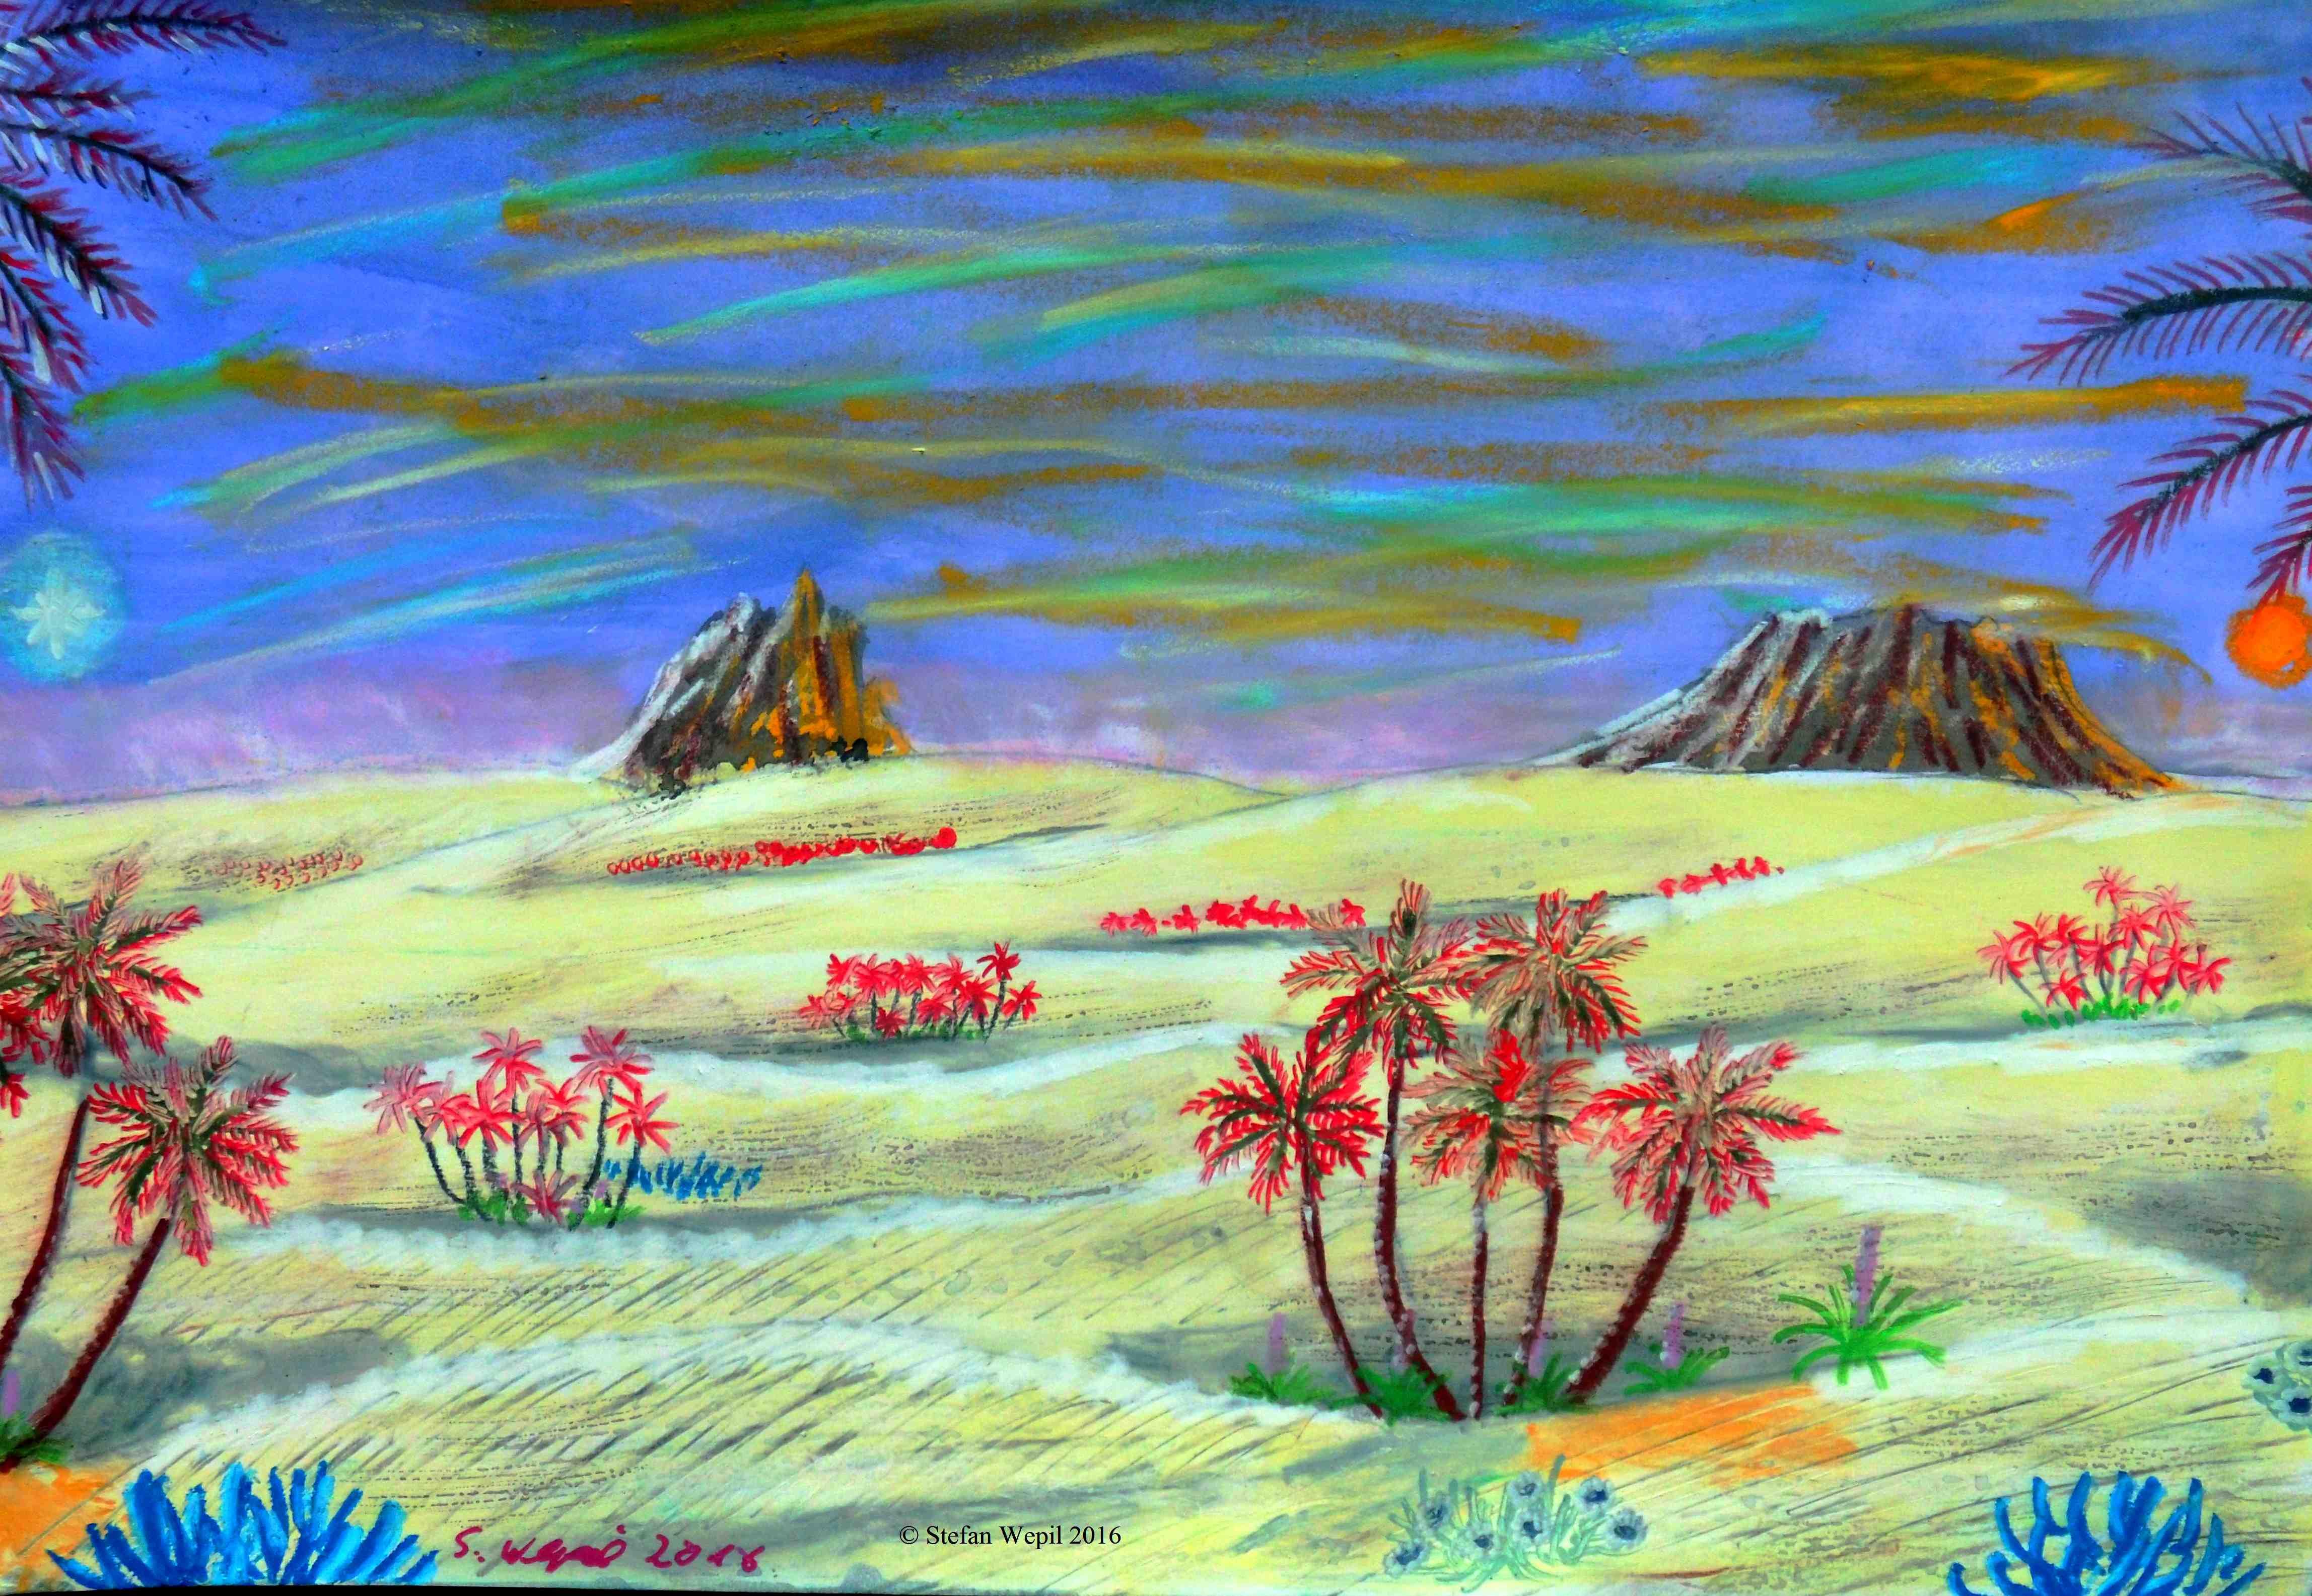 Wüste auf Xamour (C) Stefan Wepil